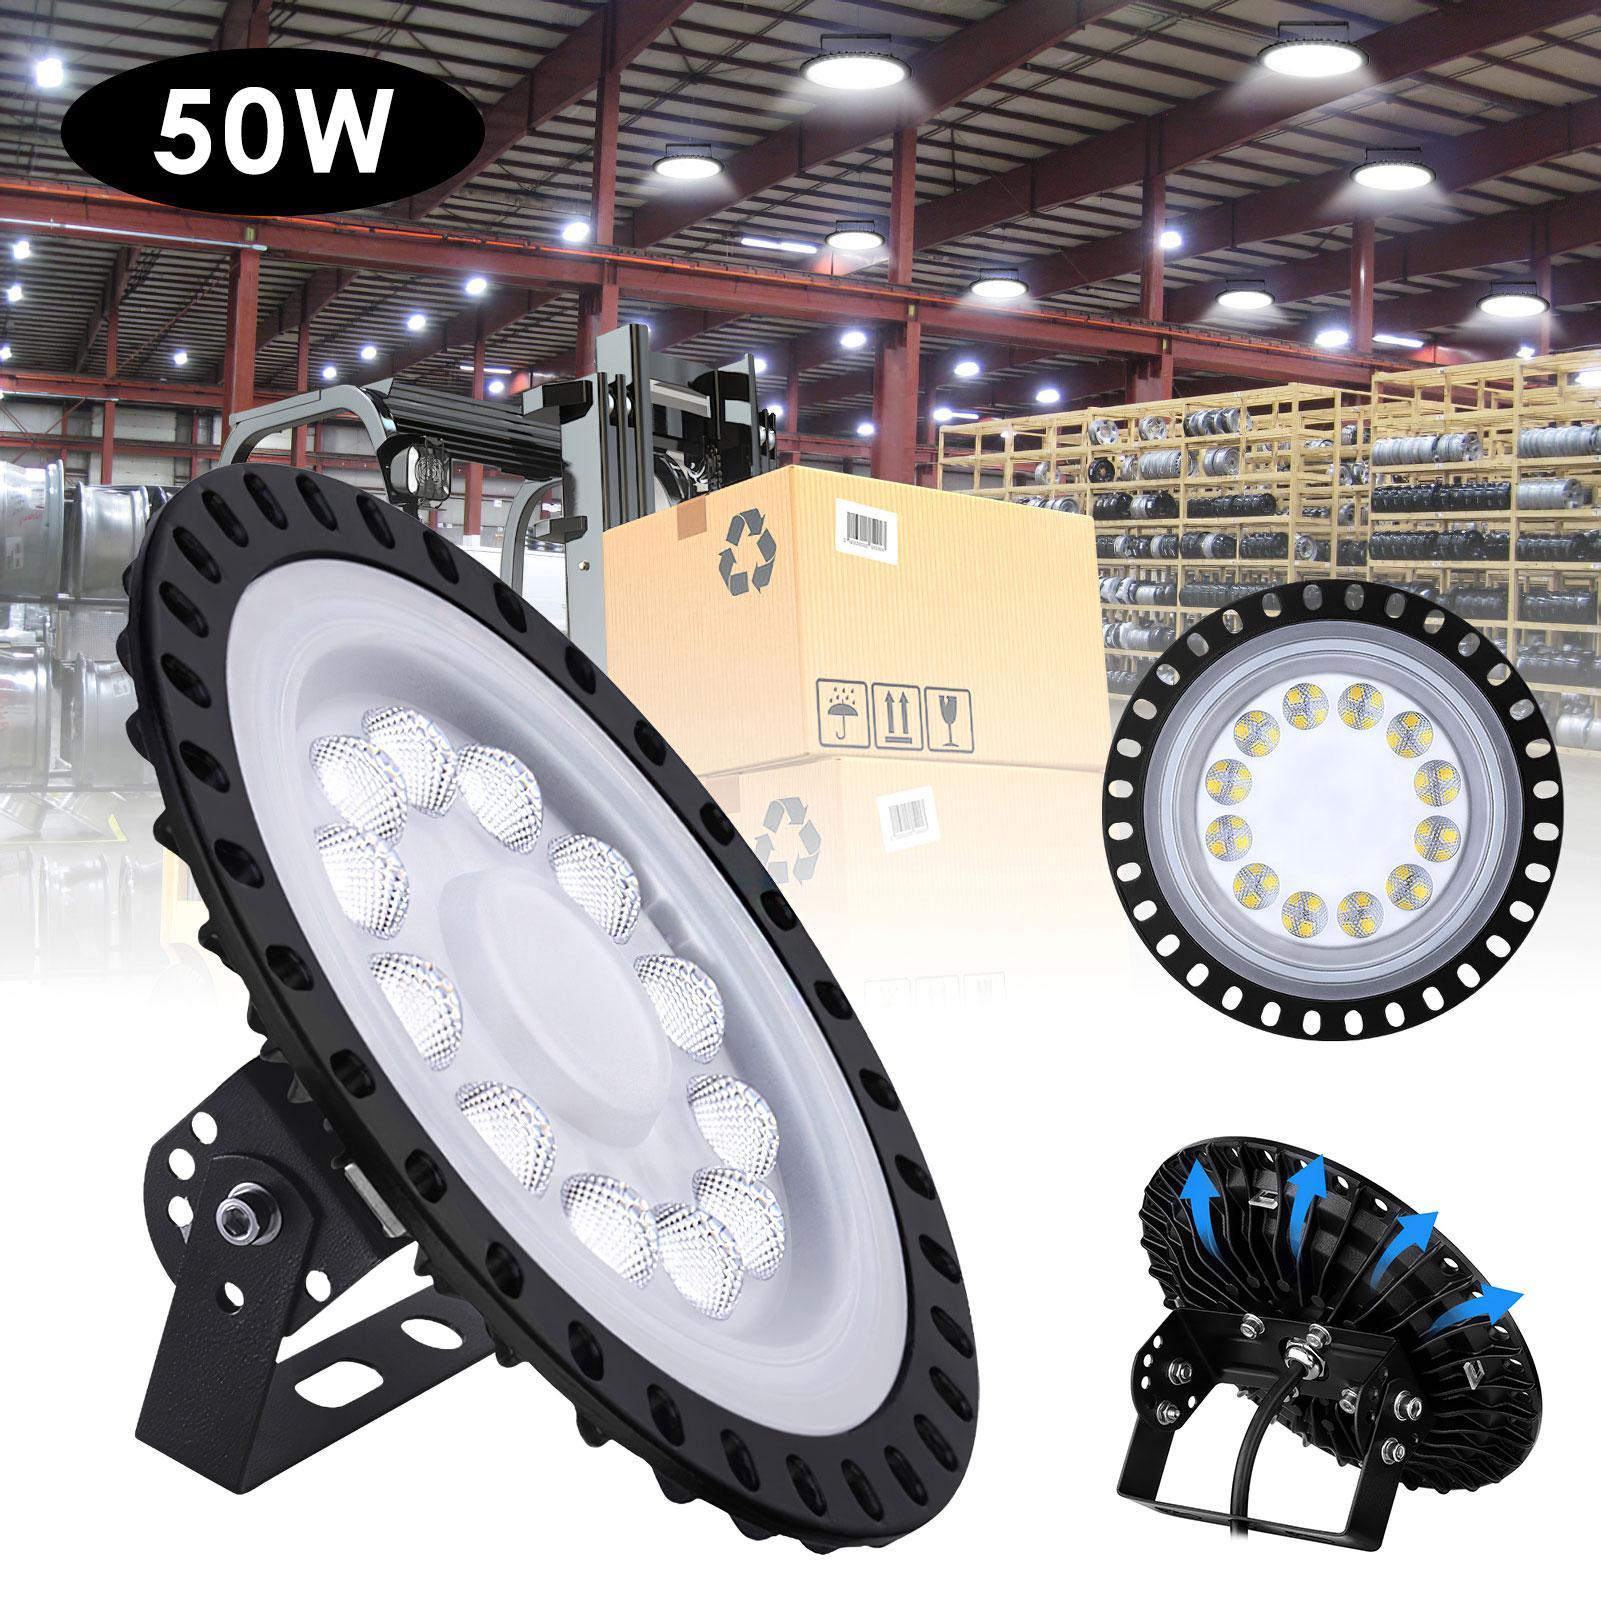 3RD الجيل الصناعي مصنع مستودع للماء ومقاوم الانفجار الصمام ضوء الصمام الترا سليم ufo LED ضوء خليج عالية